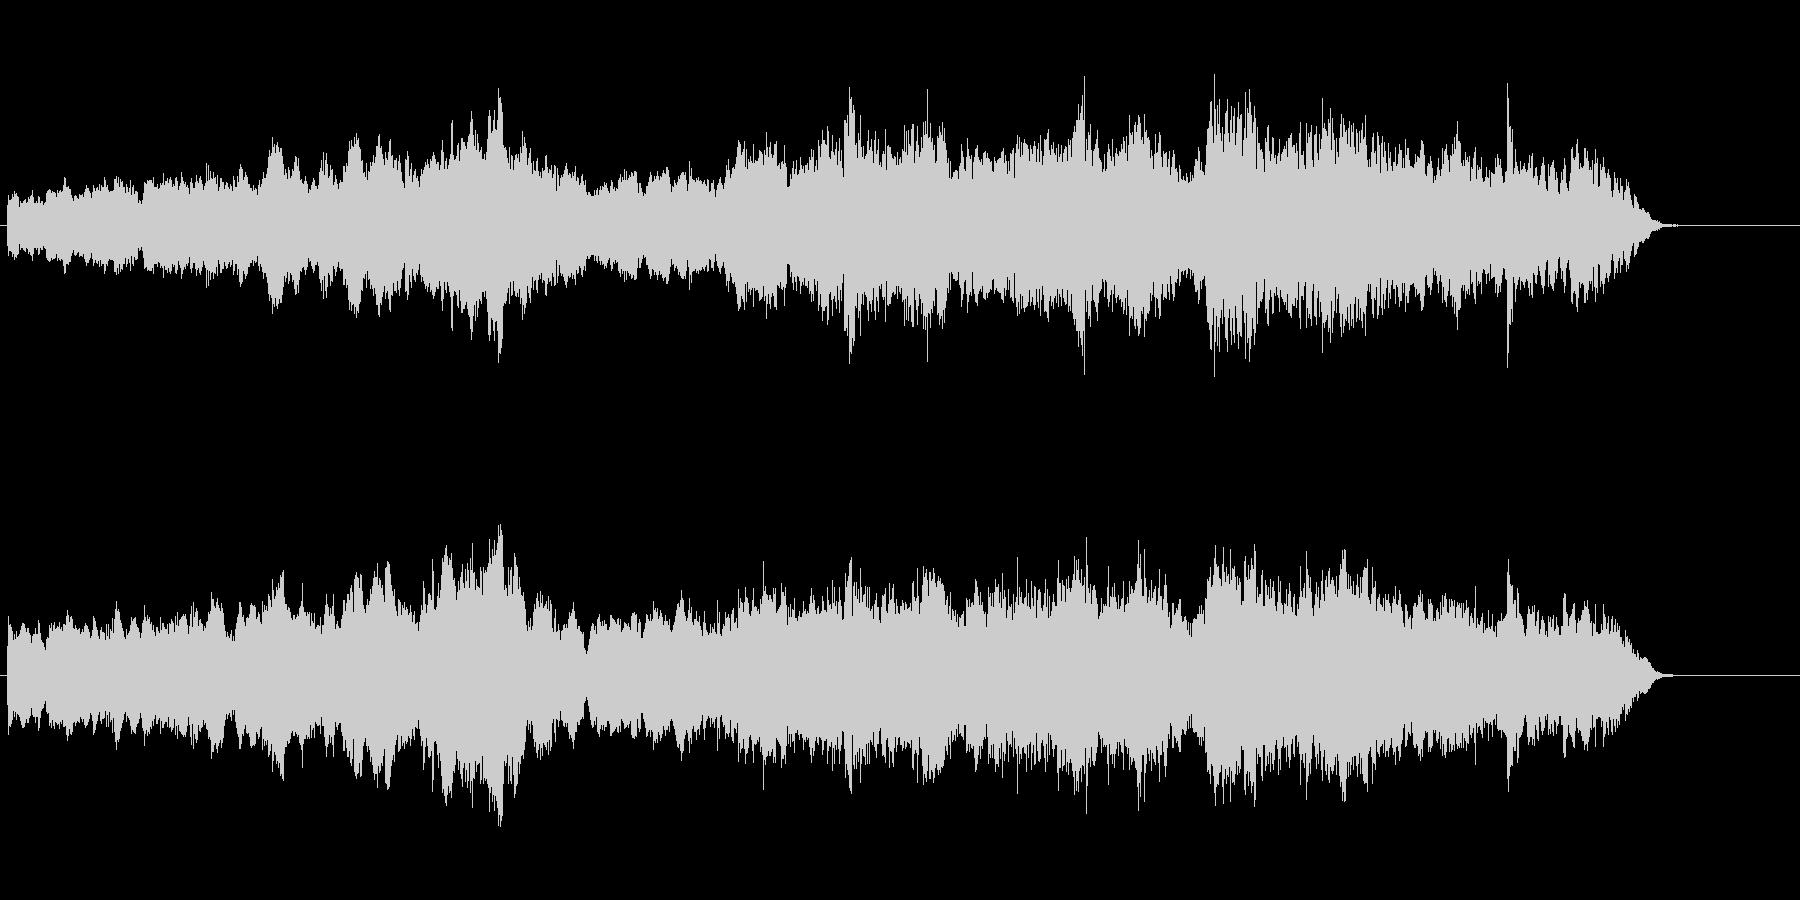 環境音楽(ネイチャー風)の未再生の波形